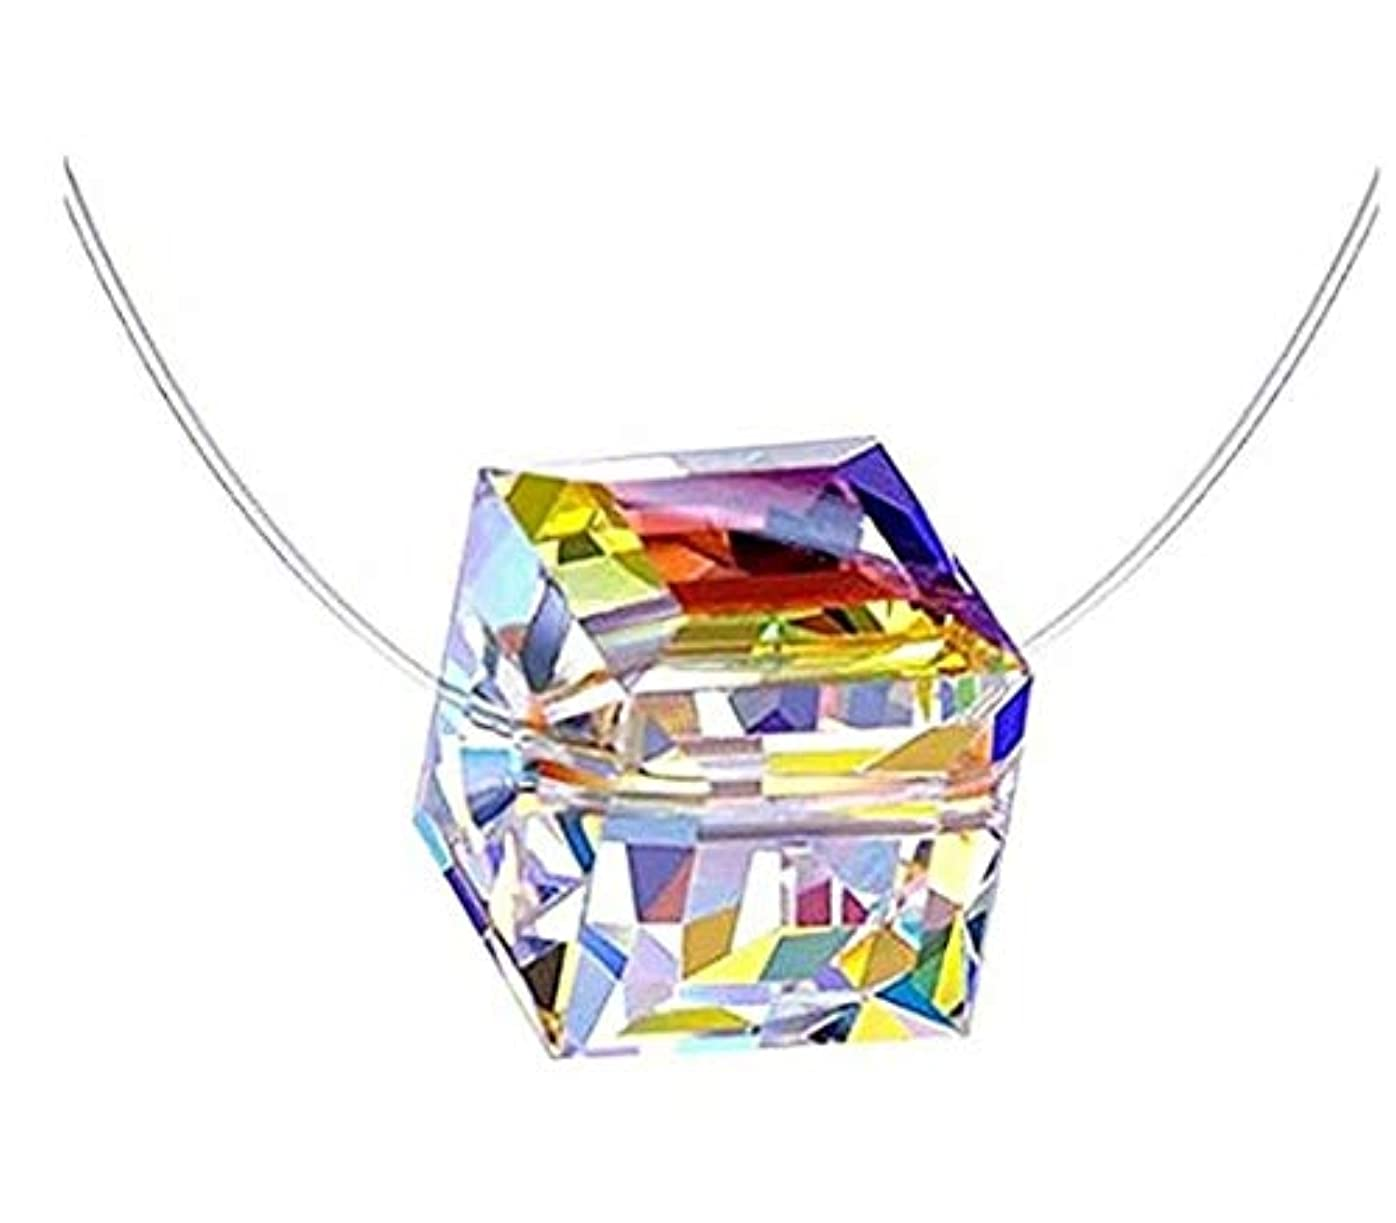 聞くジャニス気怠い七里の香 透明な釣り糸 ネックレス 目に見えないジルコン カラーデザイン ネックレス ペンダント シルバーアクセサリー ペンダント